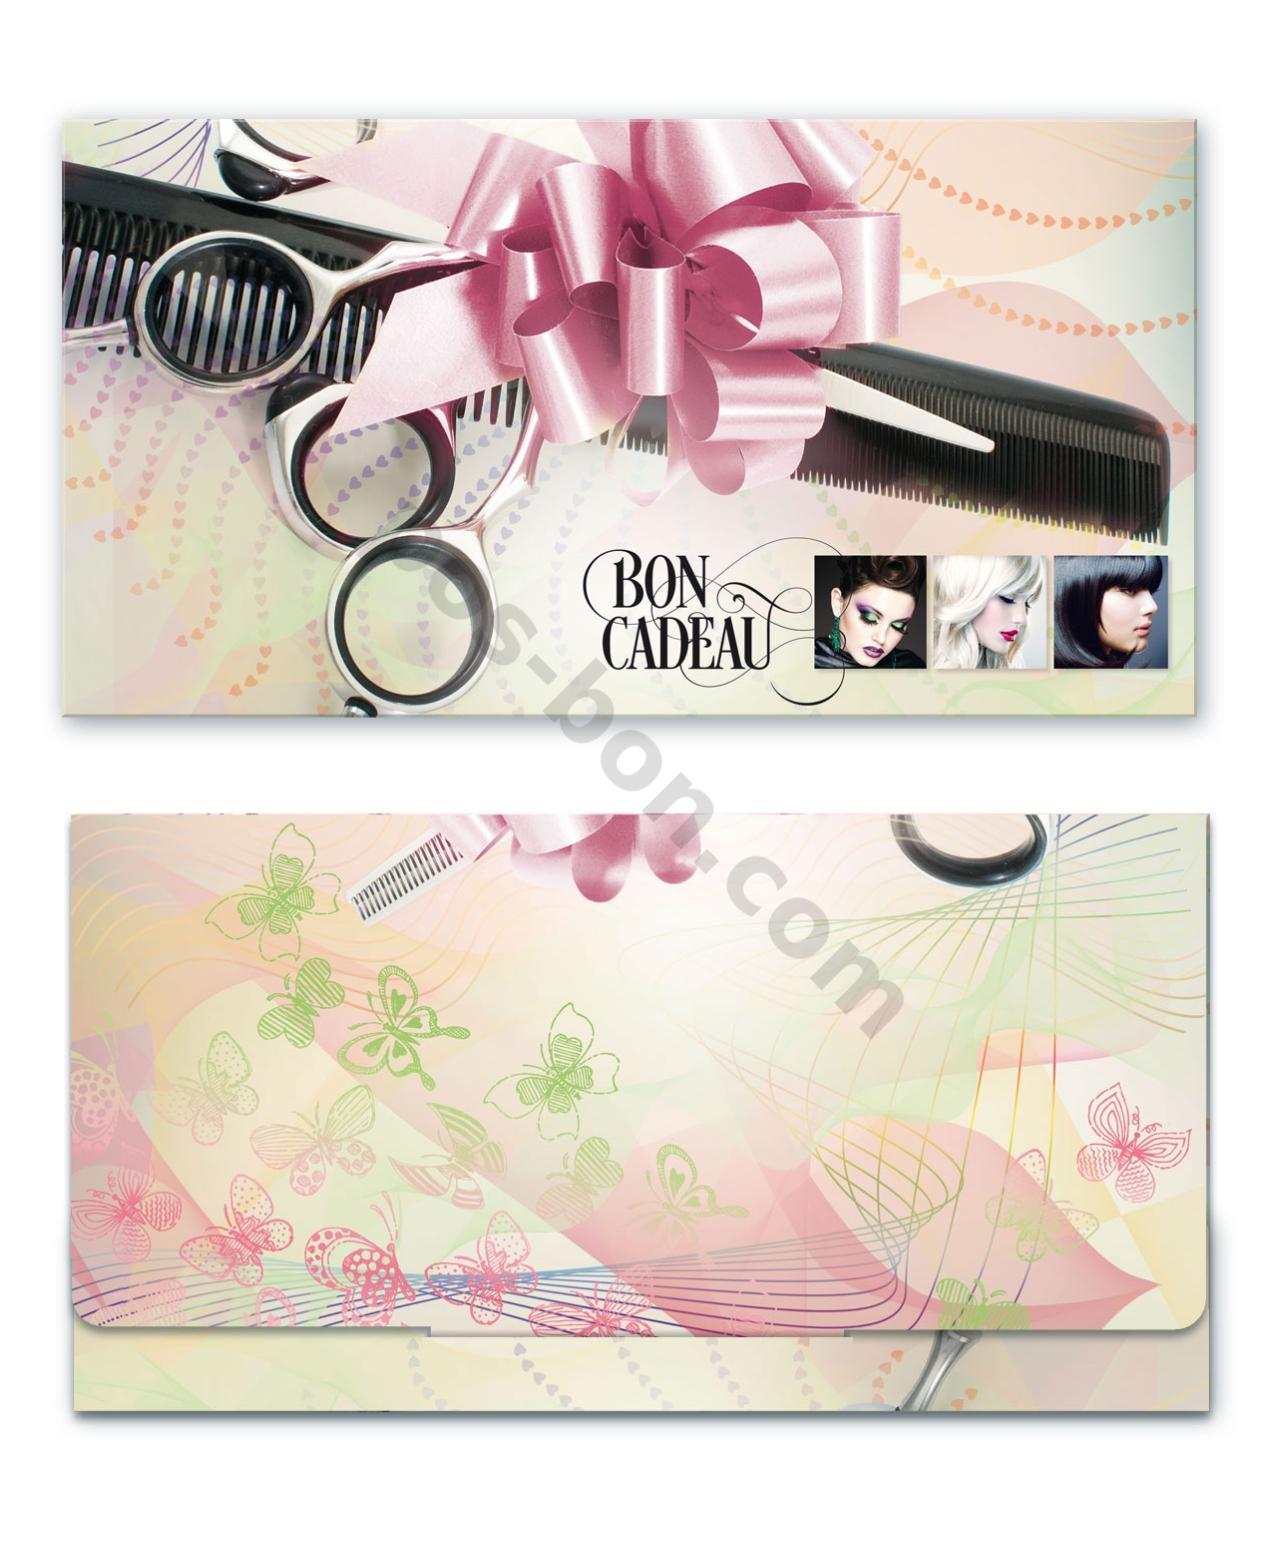 K20F Bon-cadeau MC / coiffeur salon de coiffure  pos-bon.com